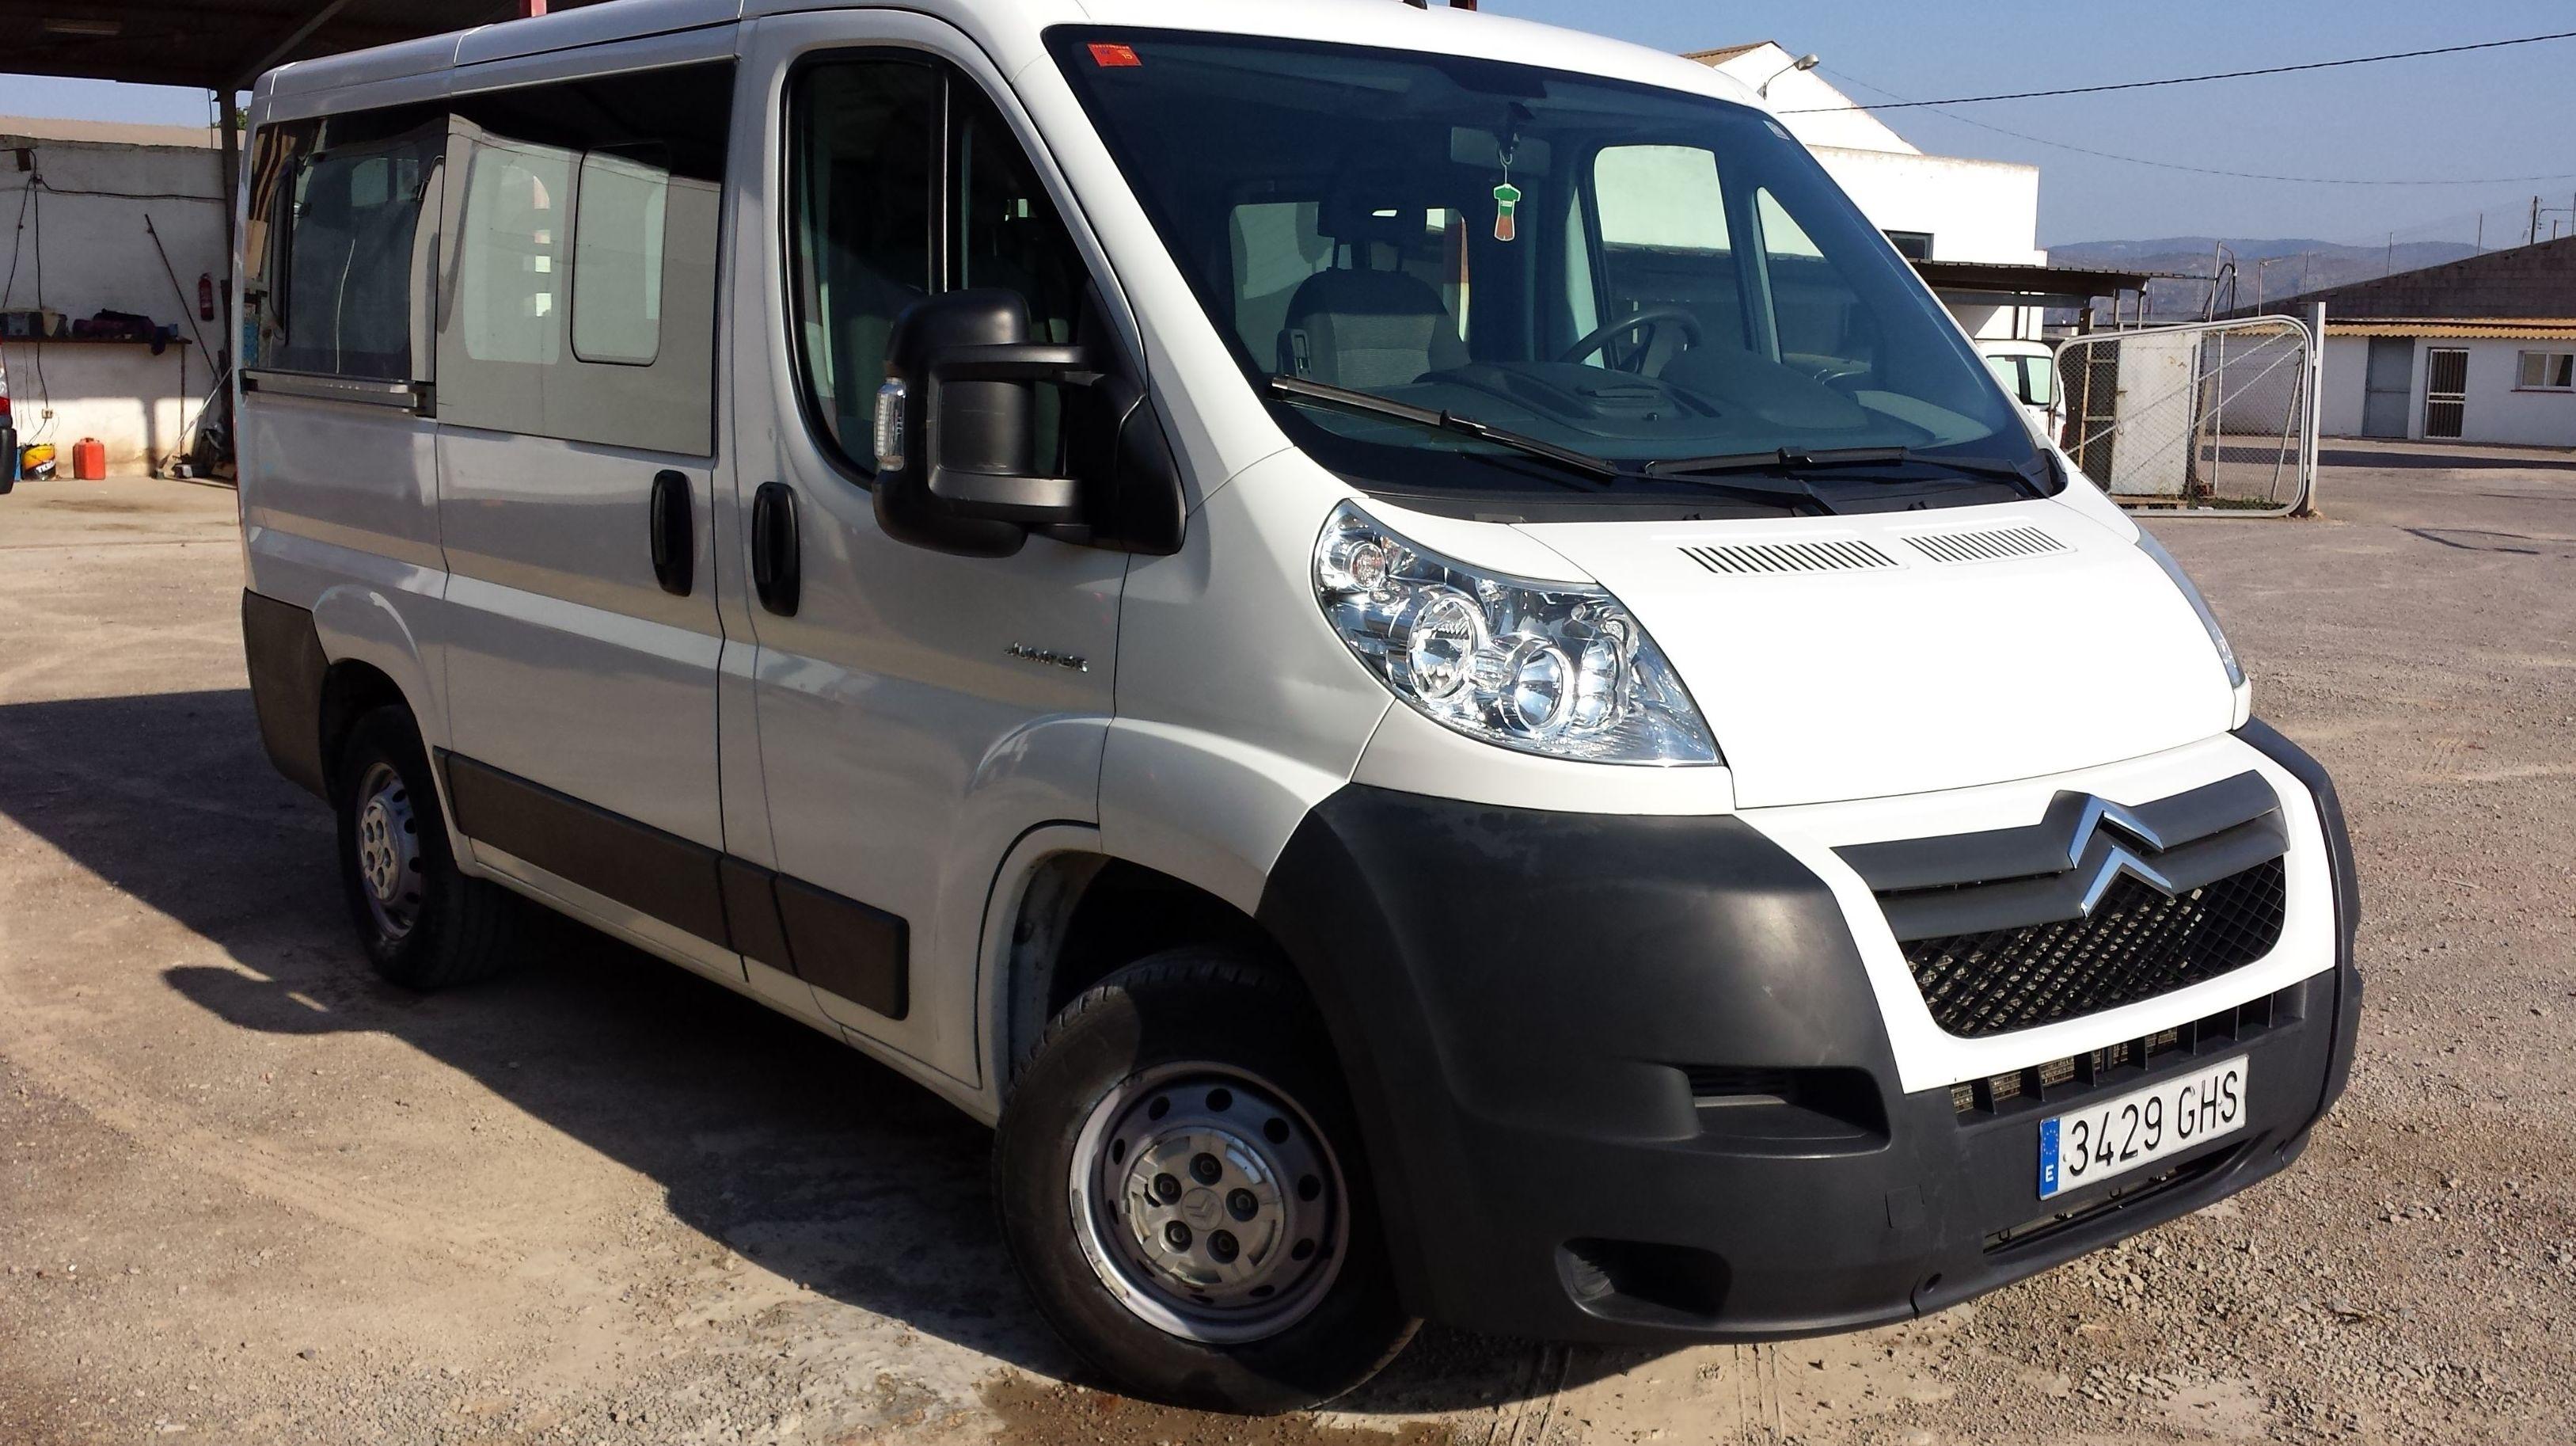 Foto 34 de Alquiler de coches y furgonetas en Castellón de la Plana | MUDALCAR     rent a car